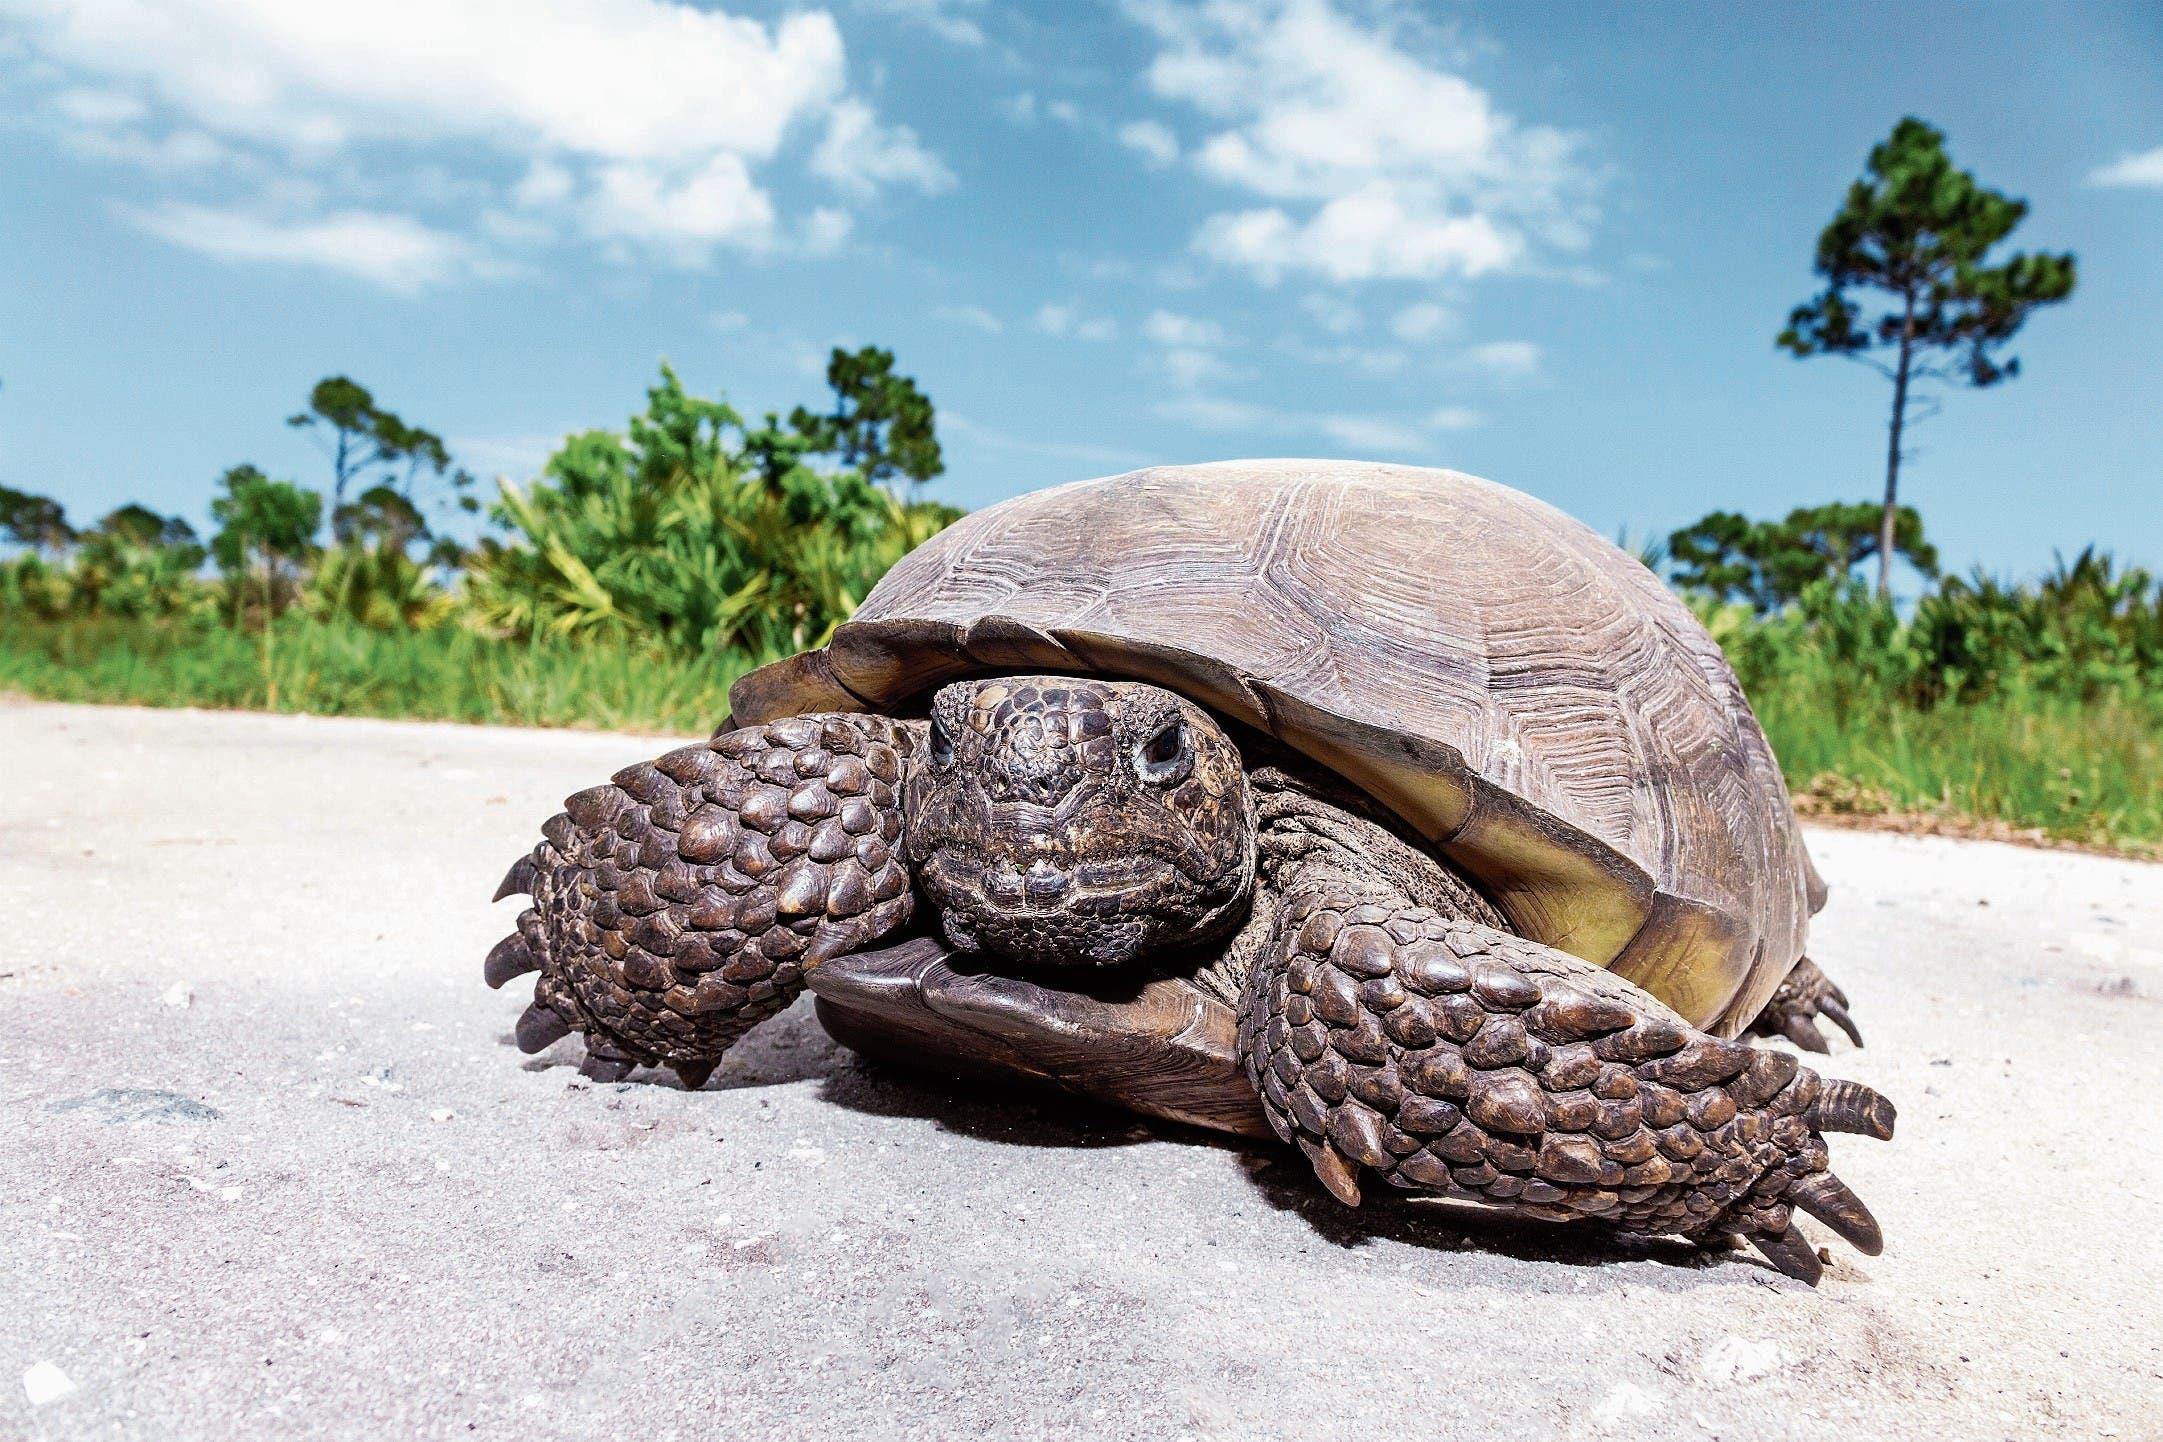 Die Amerikanische Gopherschildkröte hat es gut: Je älter sie wird, desto fruchtbarer ist sie. (Bild: Jeffrey Greenberg/Getty)